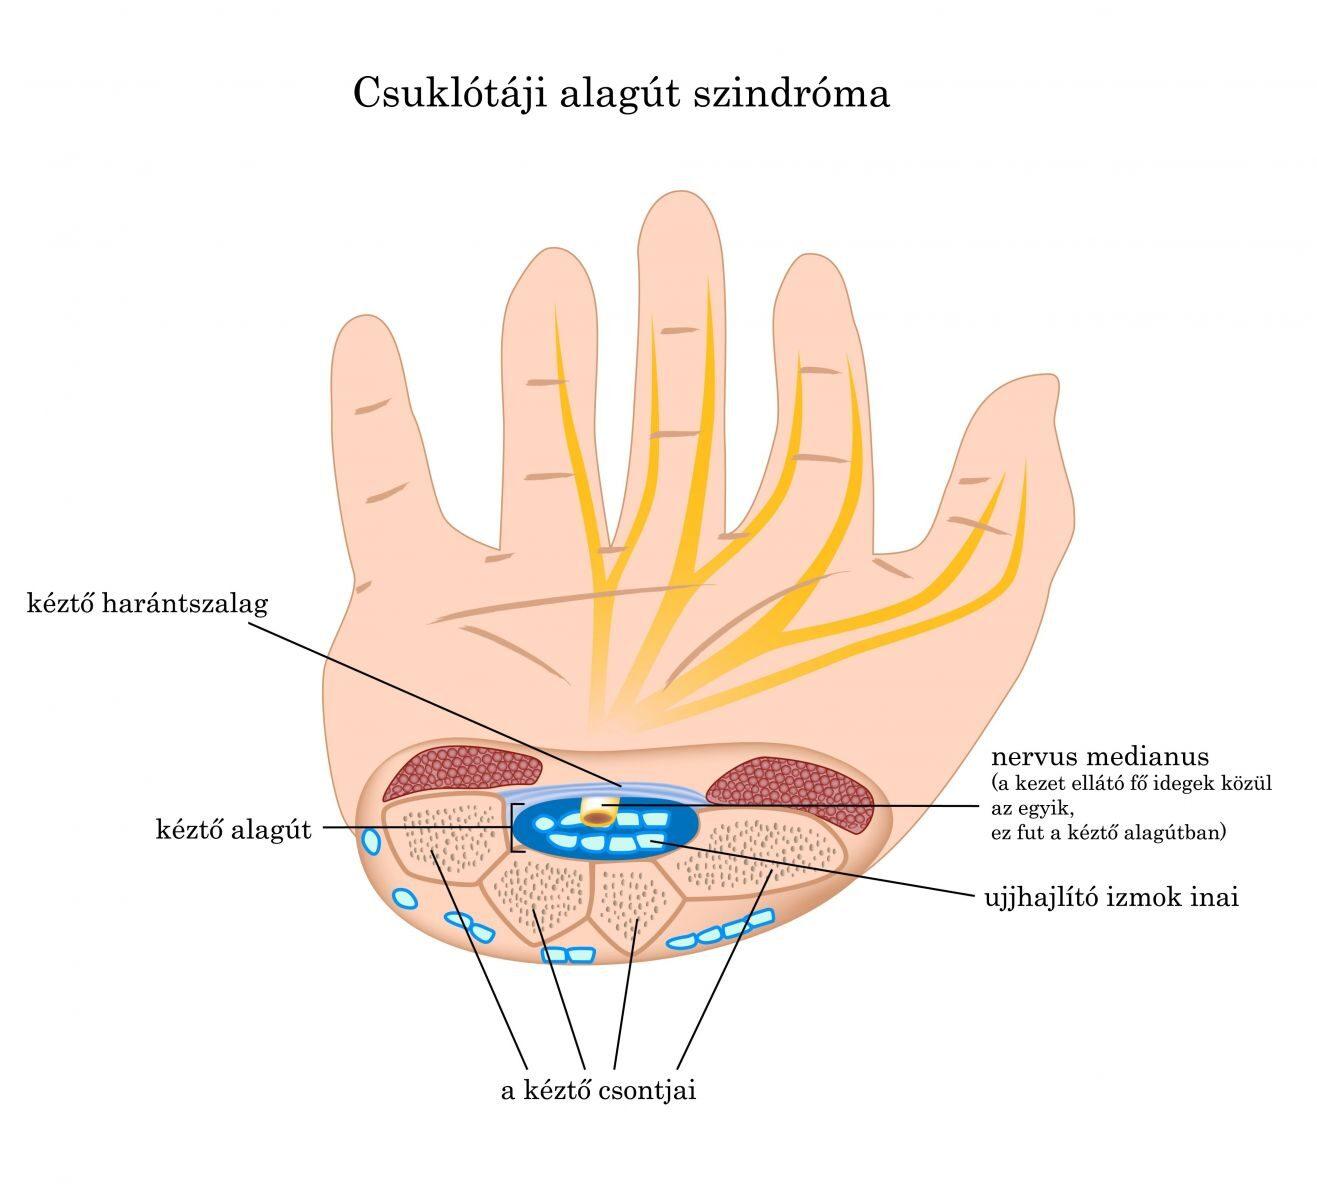 csukló duzzanat és fájdalom a chlamydialis arthritis kezelésére